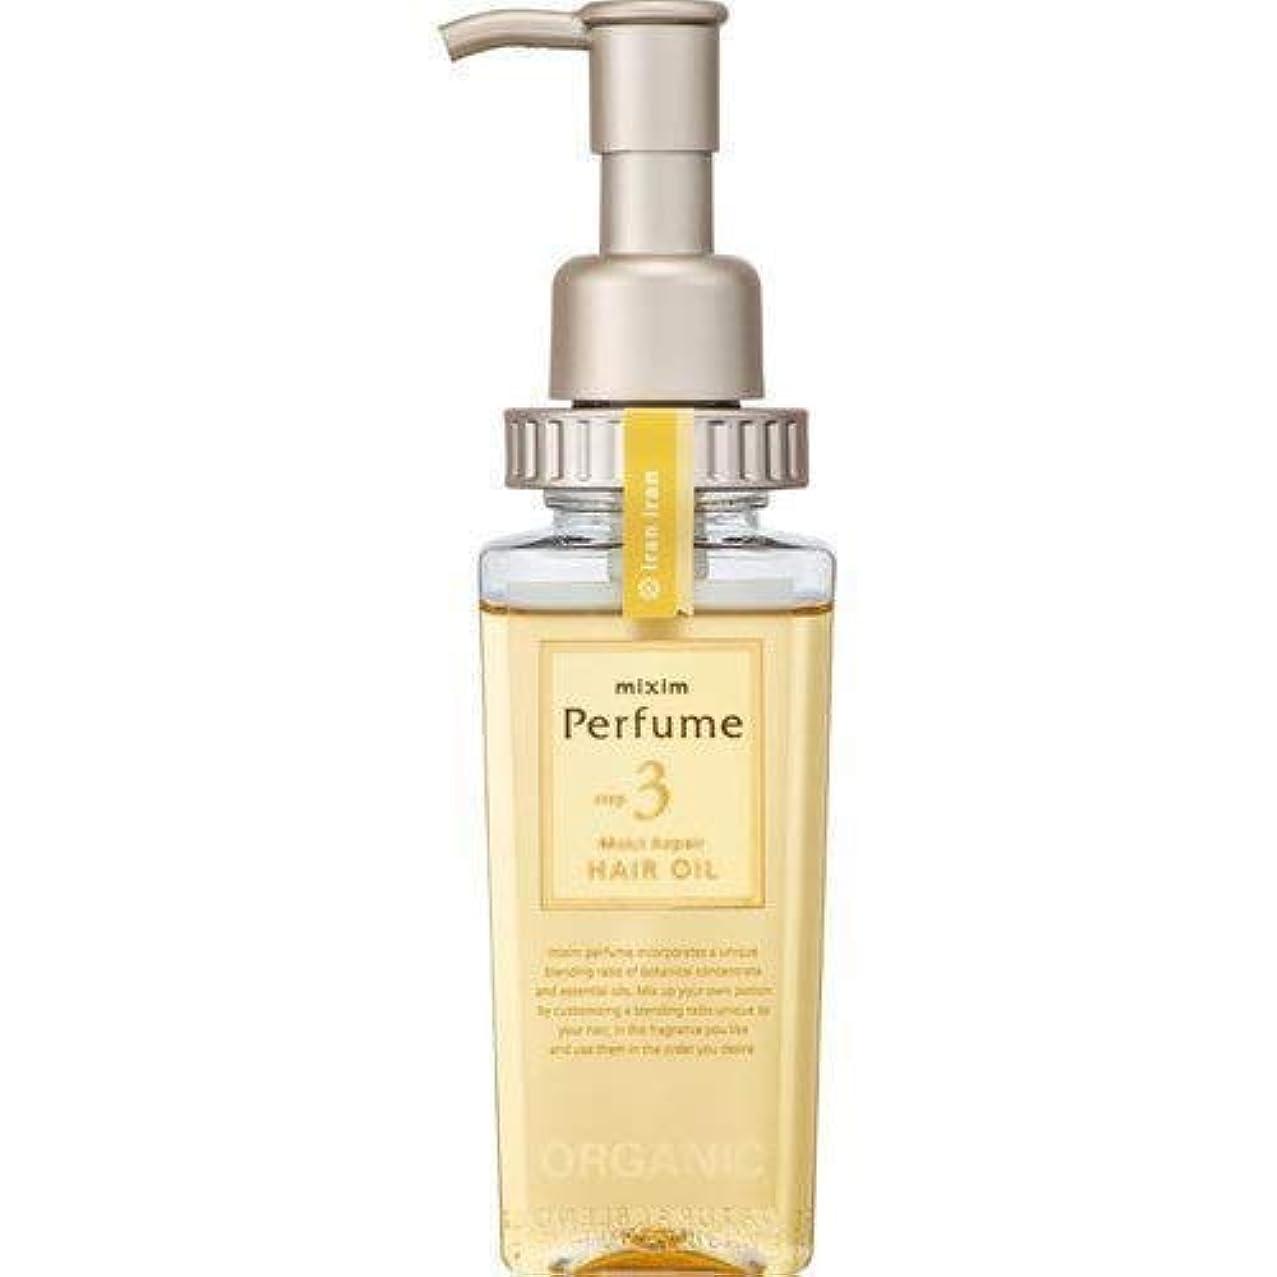 増加する誕生日道徳のmixim Perfume(ミクシムパフューム) モイストリペア ヘアオイル 100mL